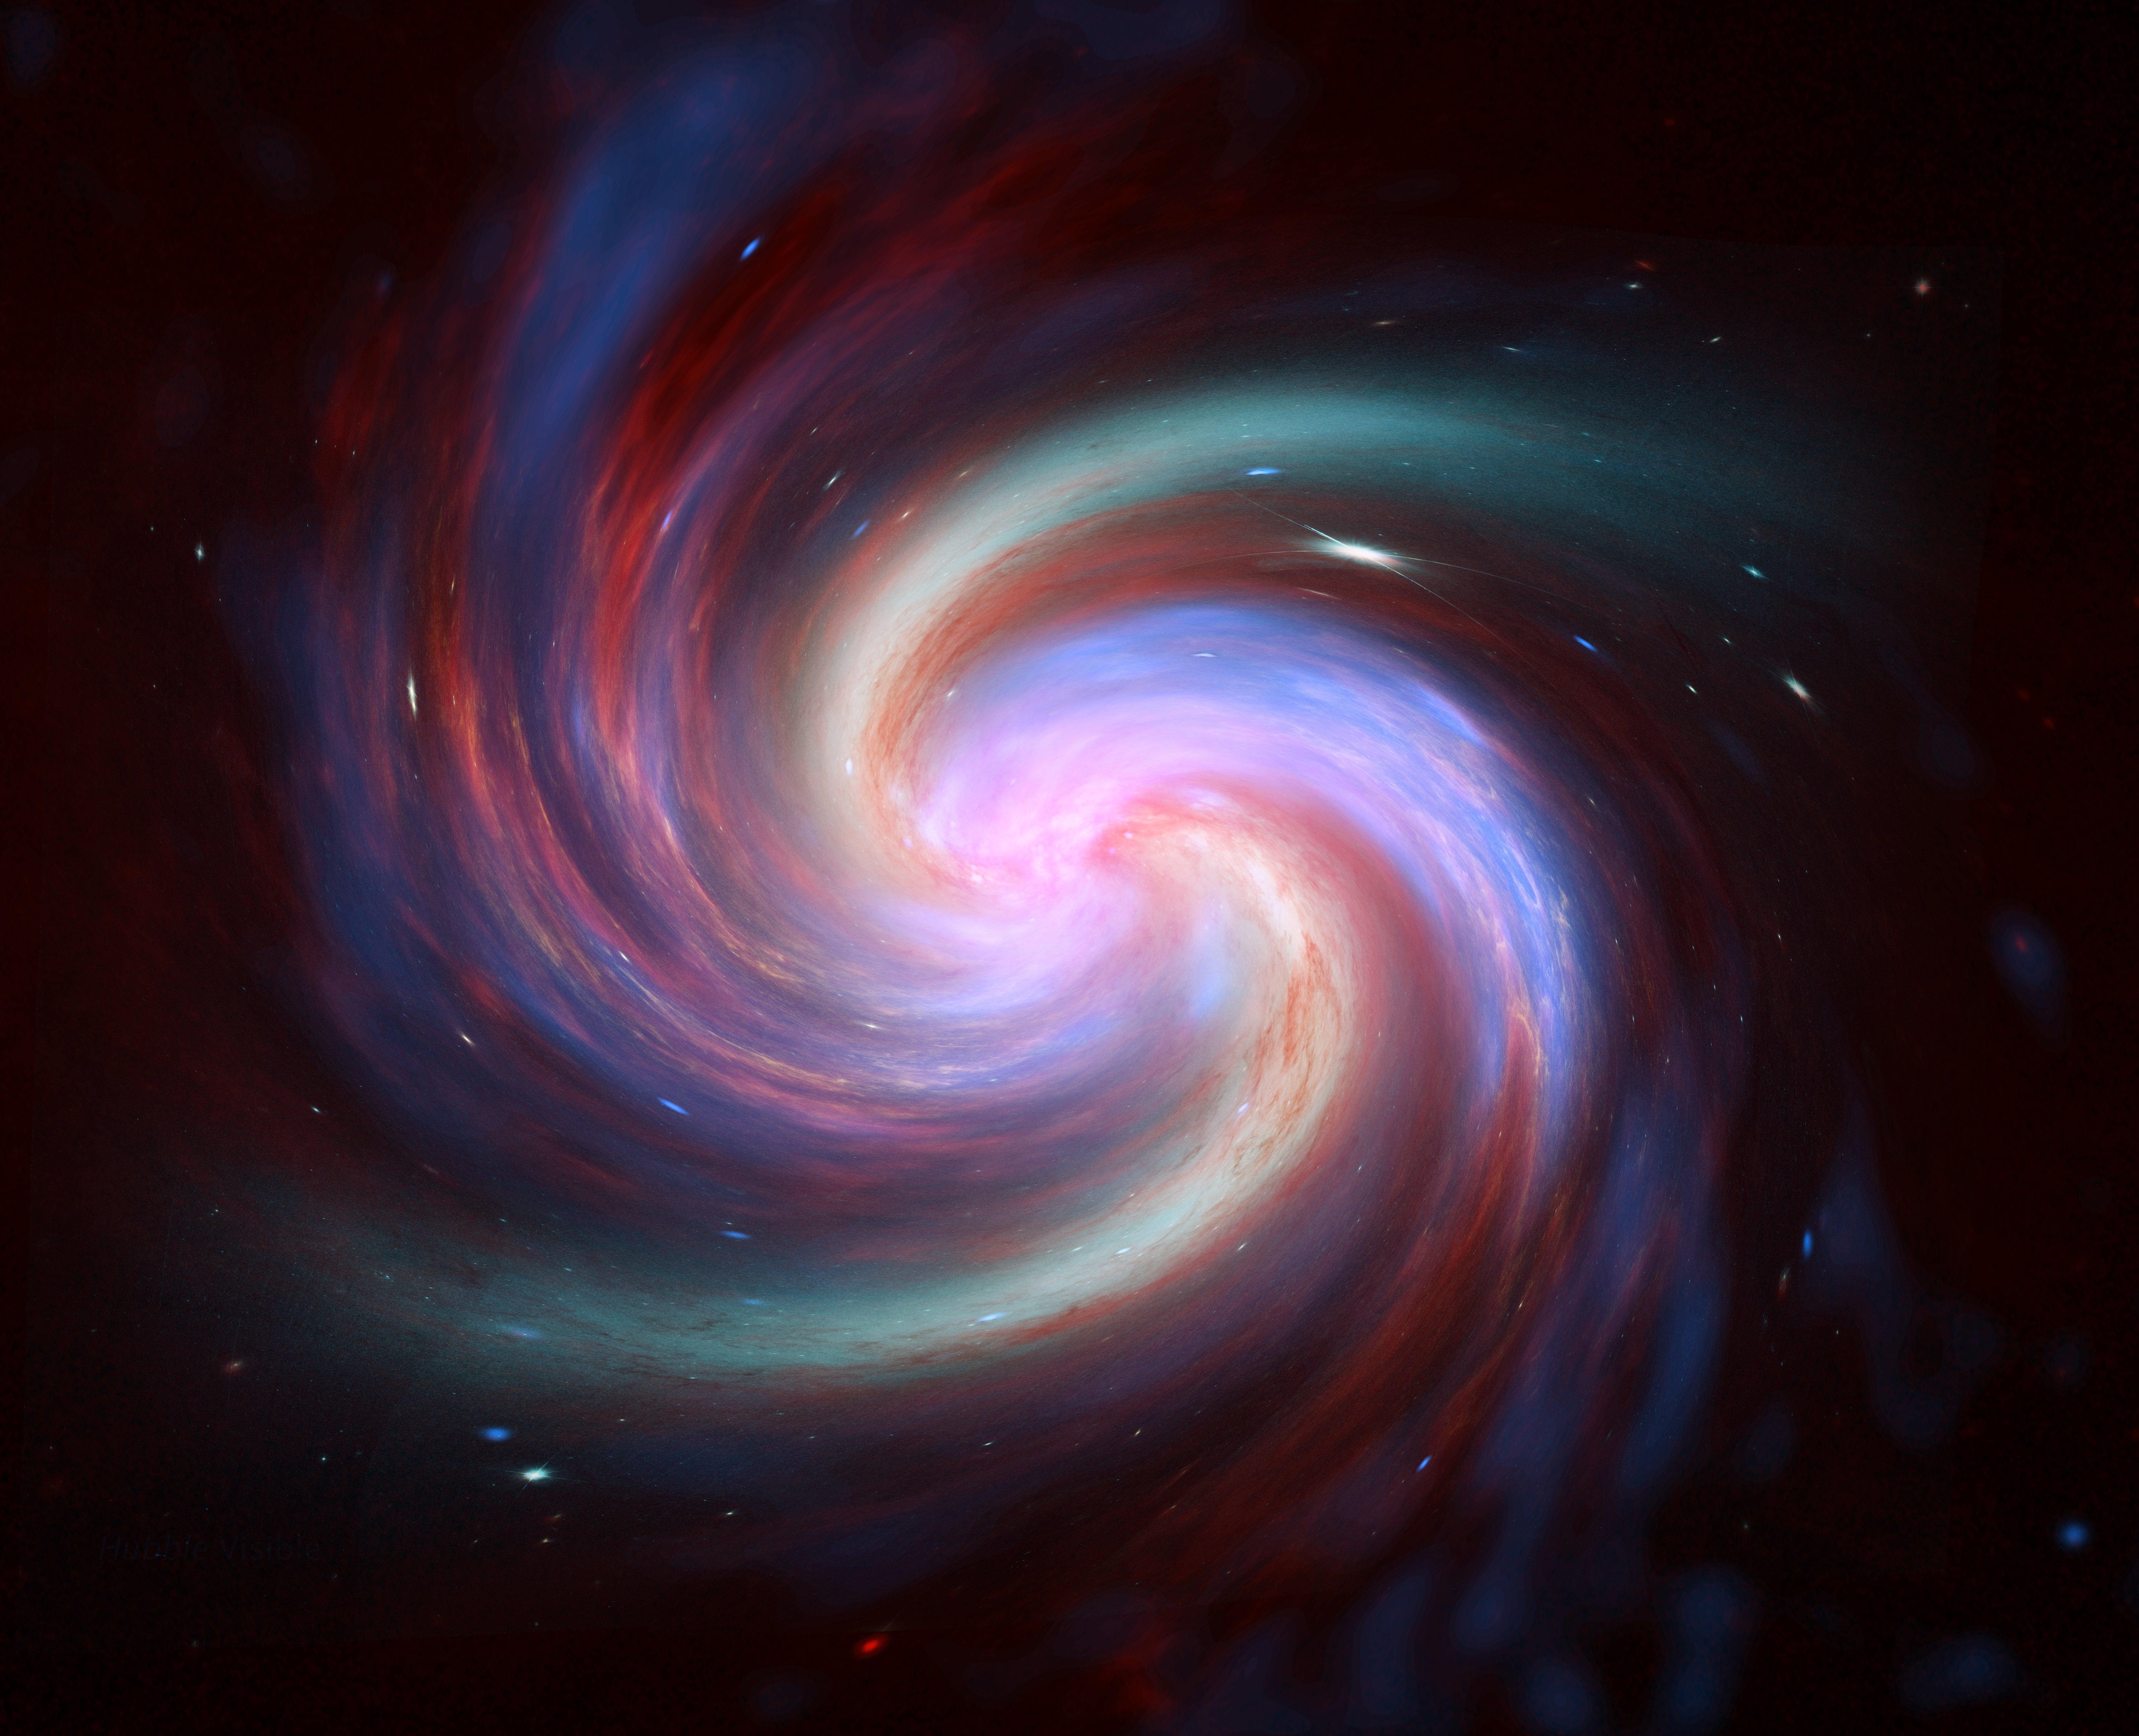 Wallpaper Galaxy spiral